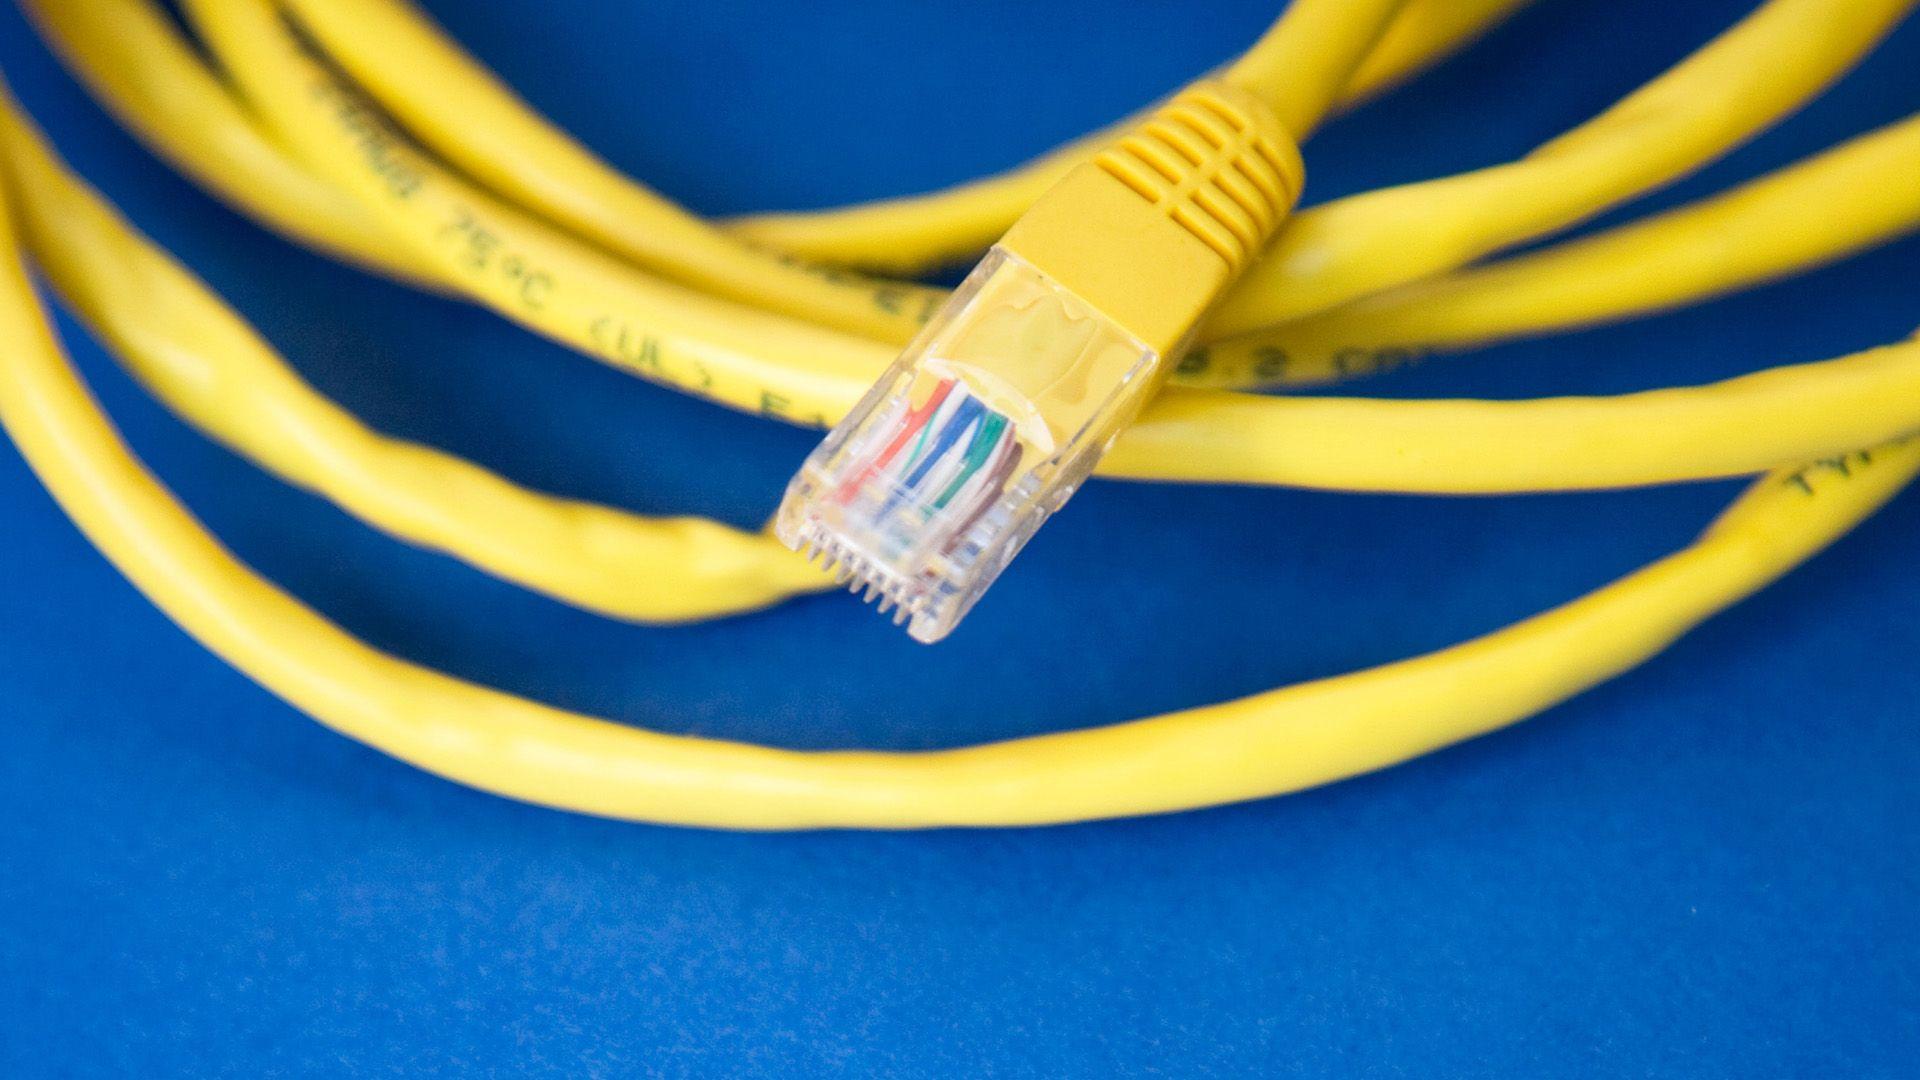 Bile av en krøllet gul internettkabel på blå bakgrunn. Illustrasjon til sak om innholdsproduksjon for markedføringsbyrået Elg.